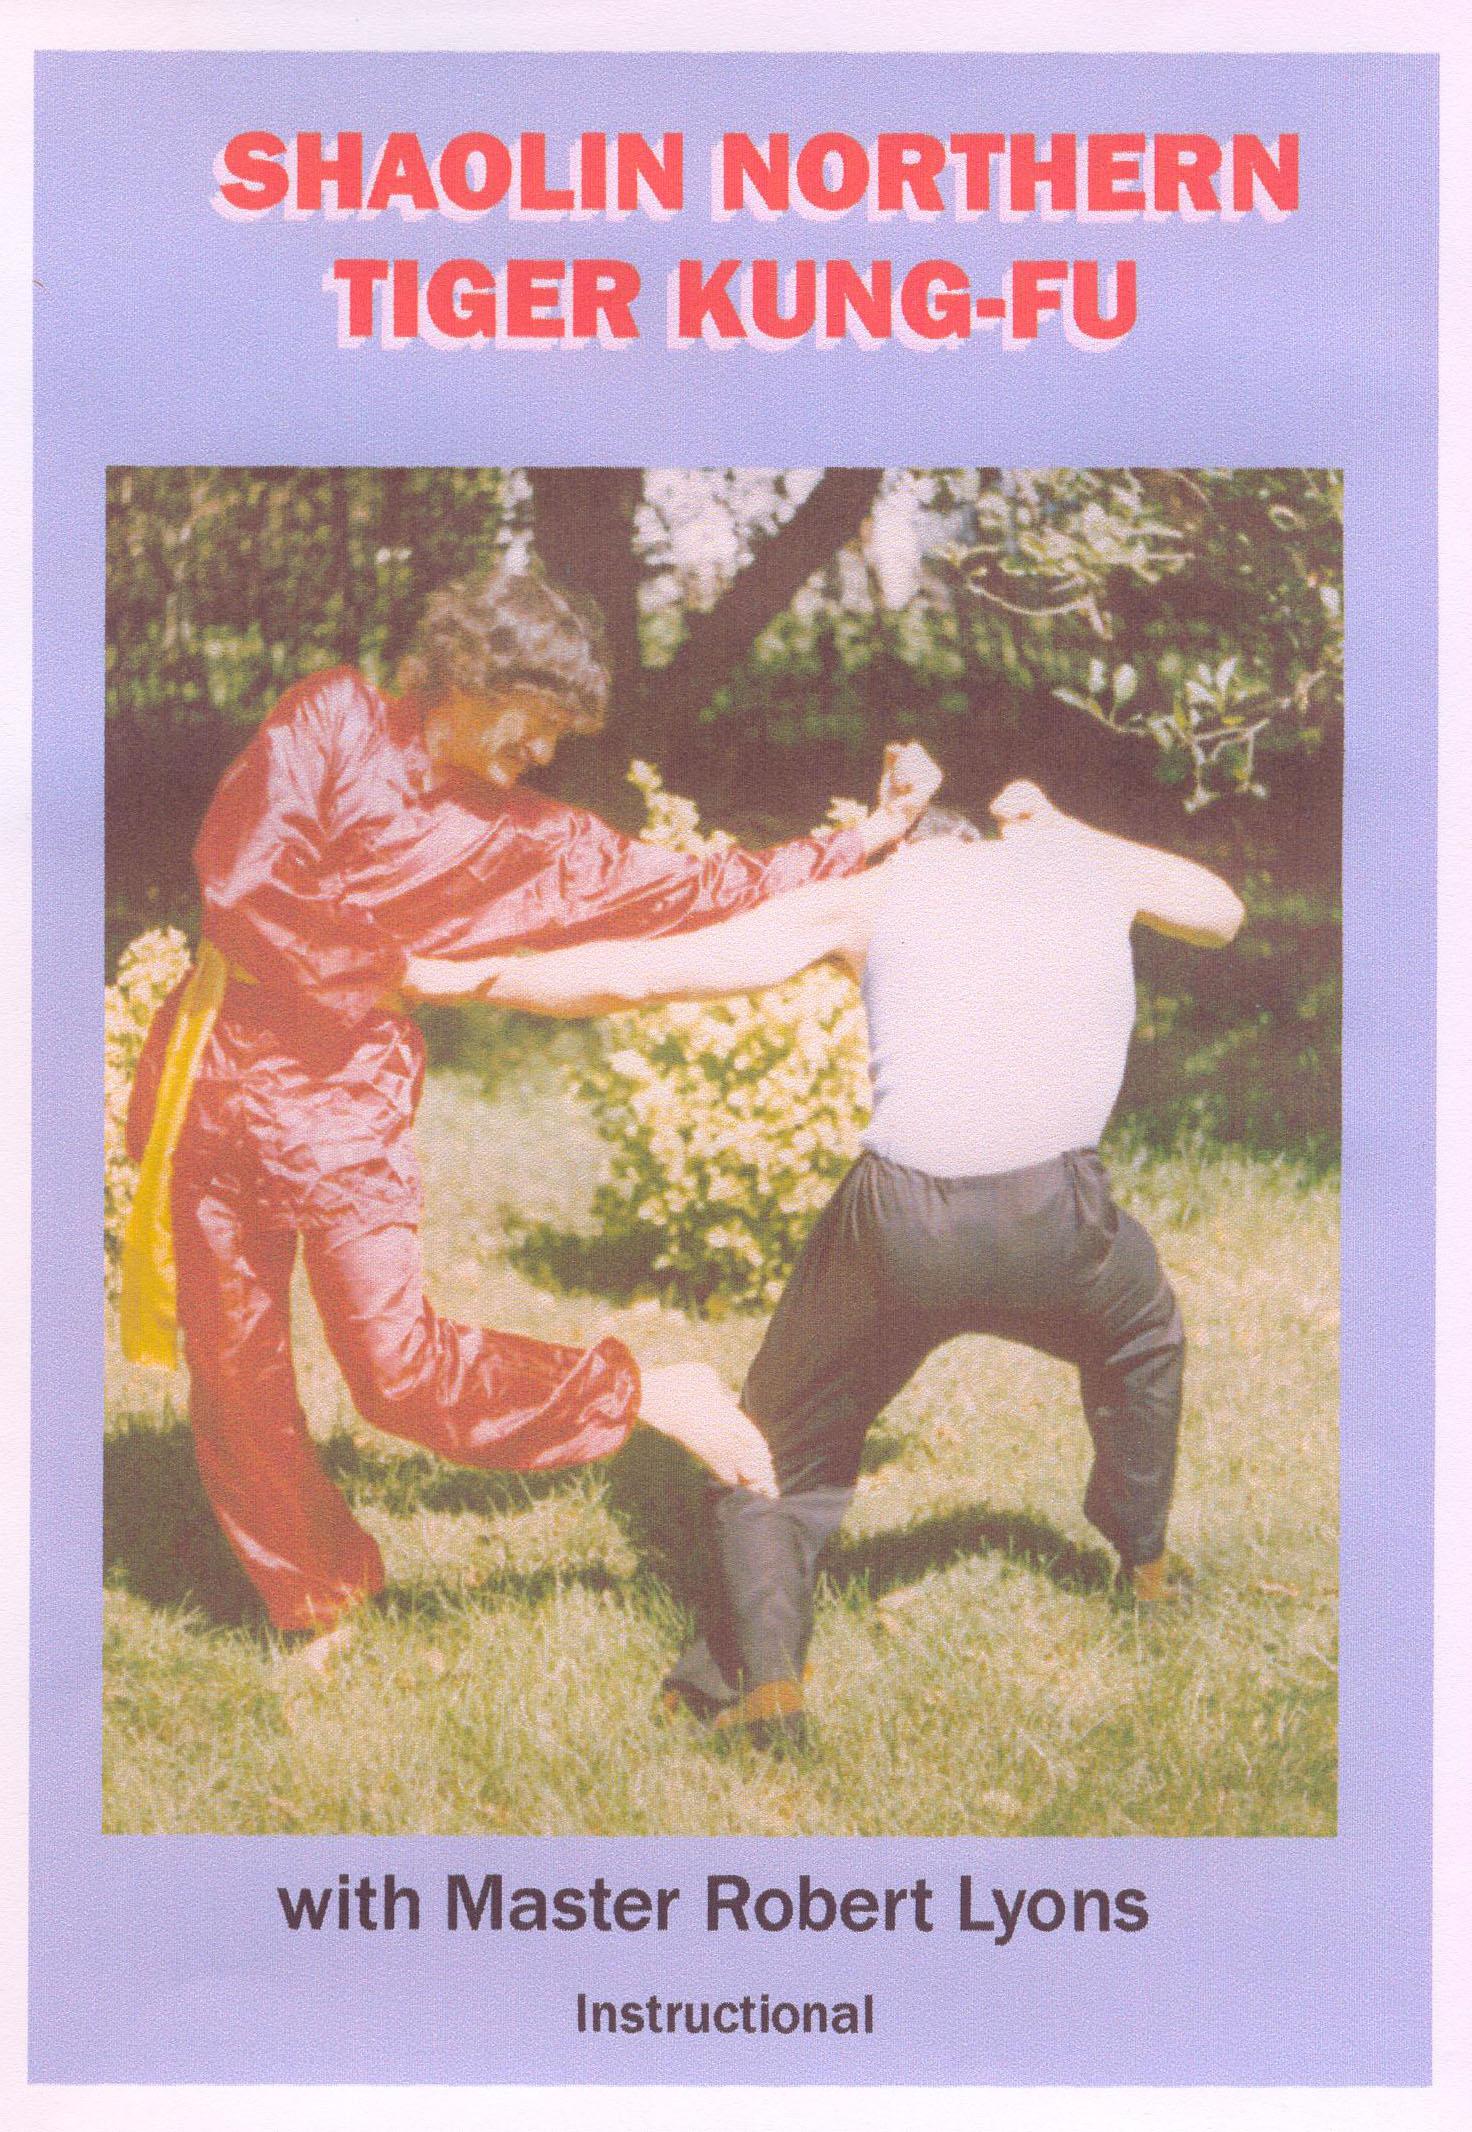 Shaolin Northern Tiger Kung-Fu